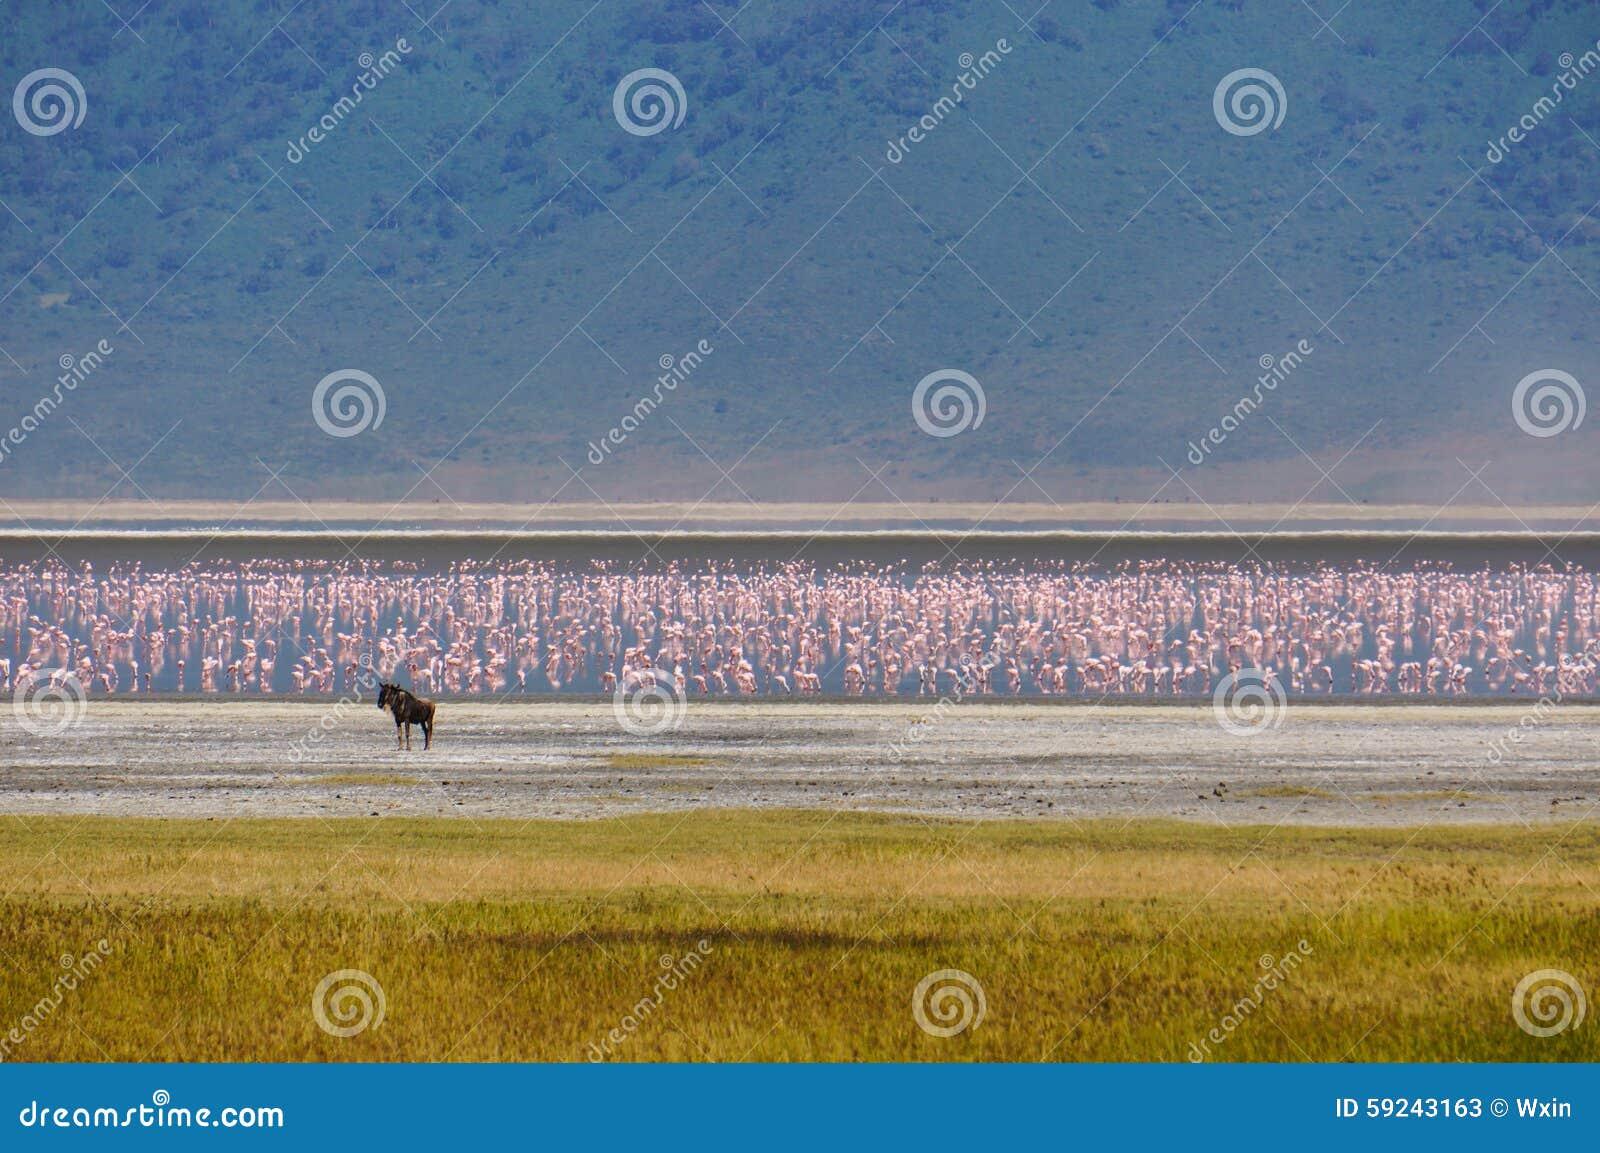 Download En santuario de fauna imagen de archivo. Imagen de áfrica - 59243163